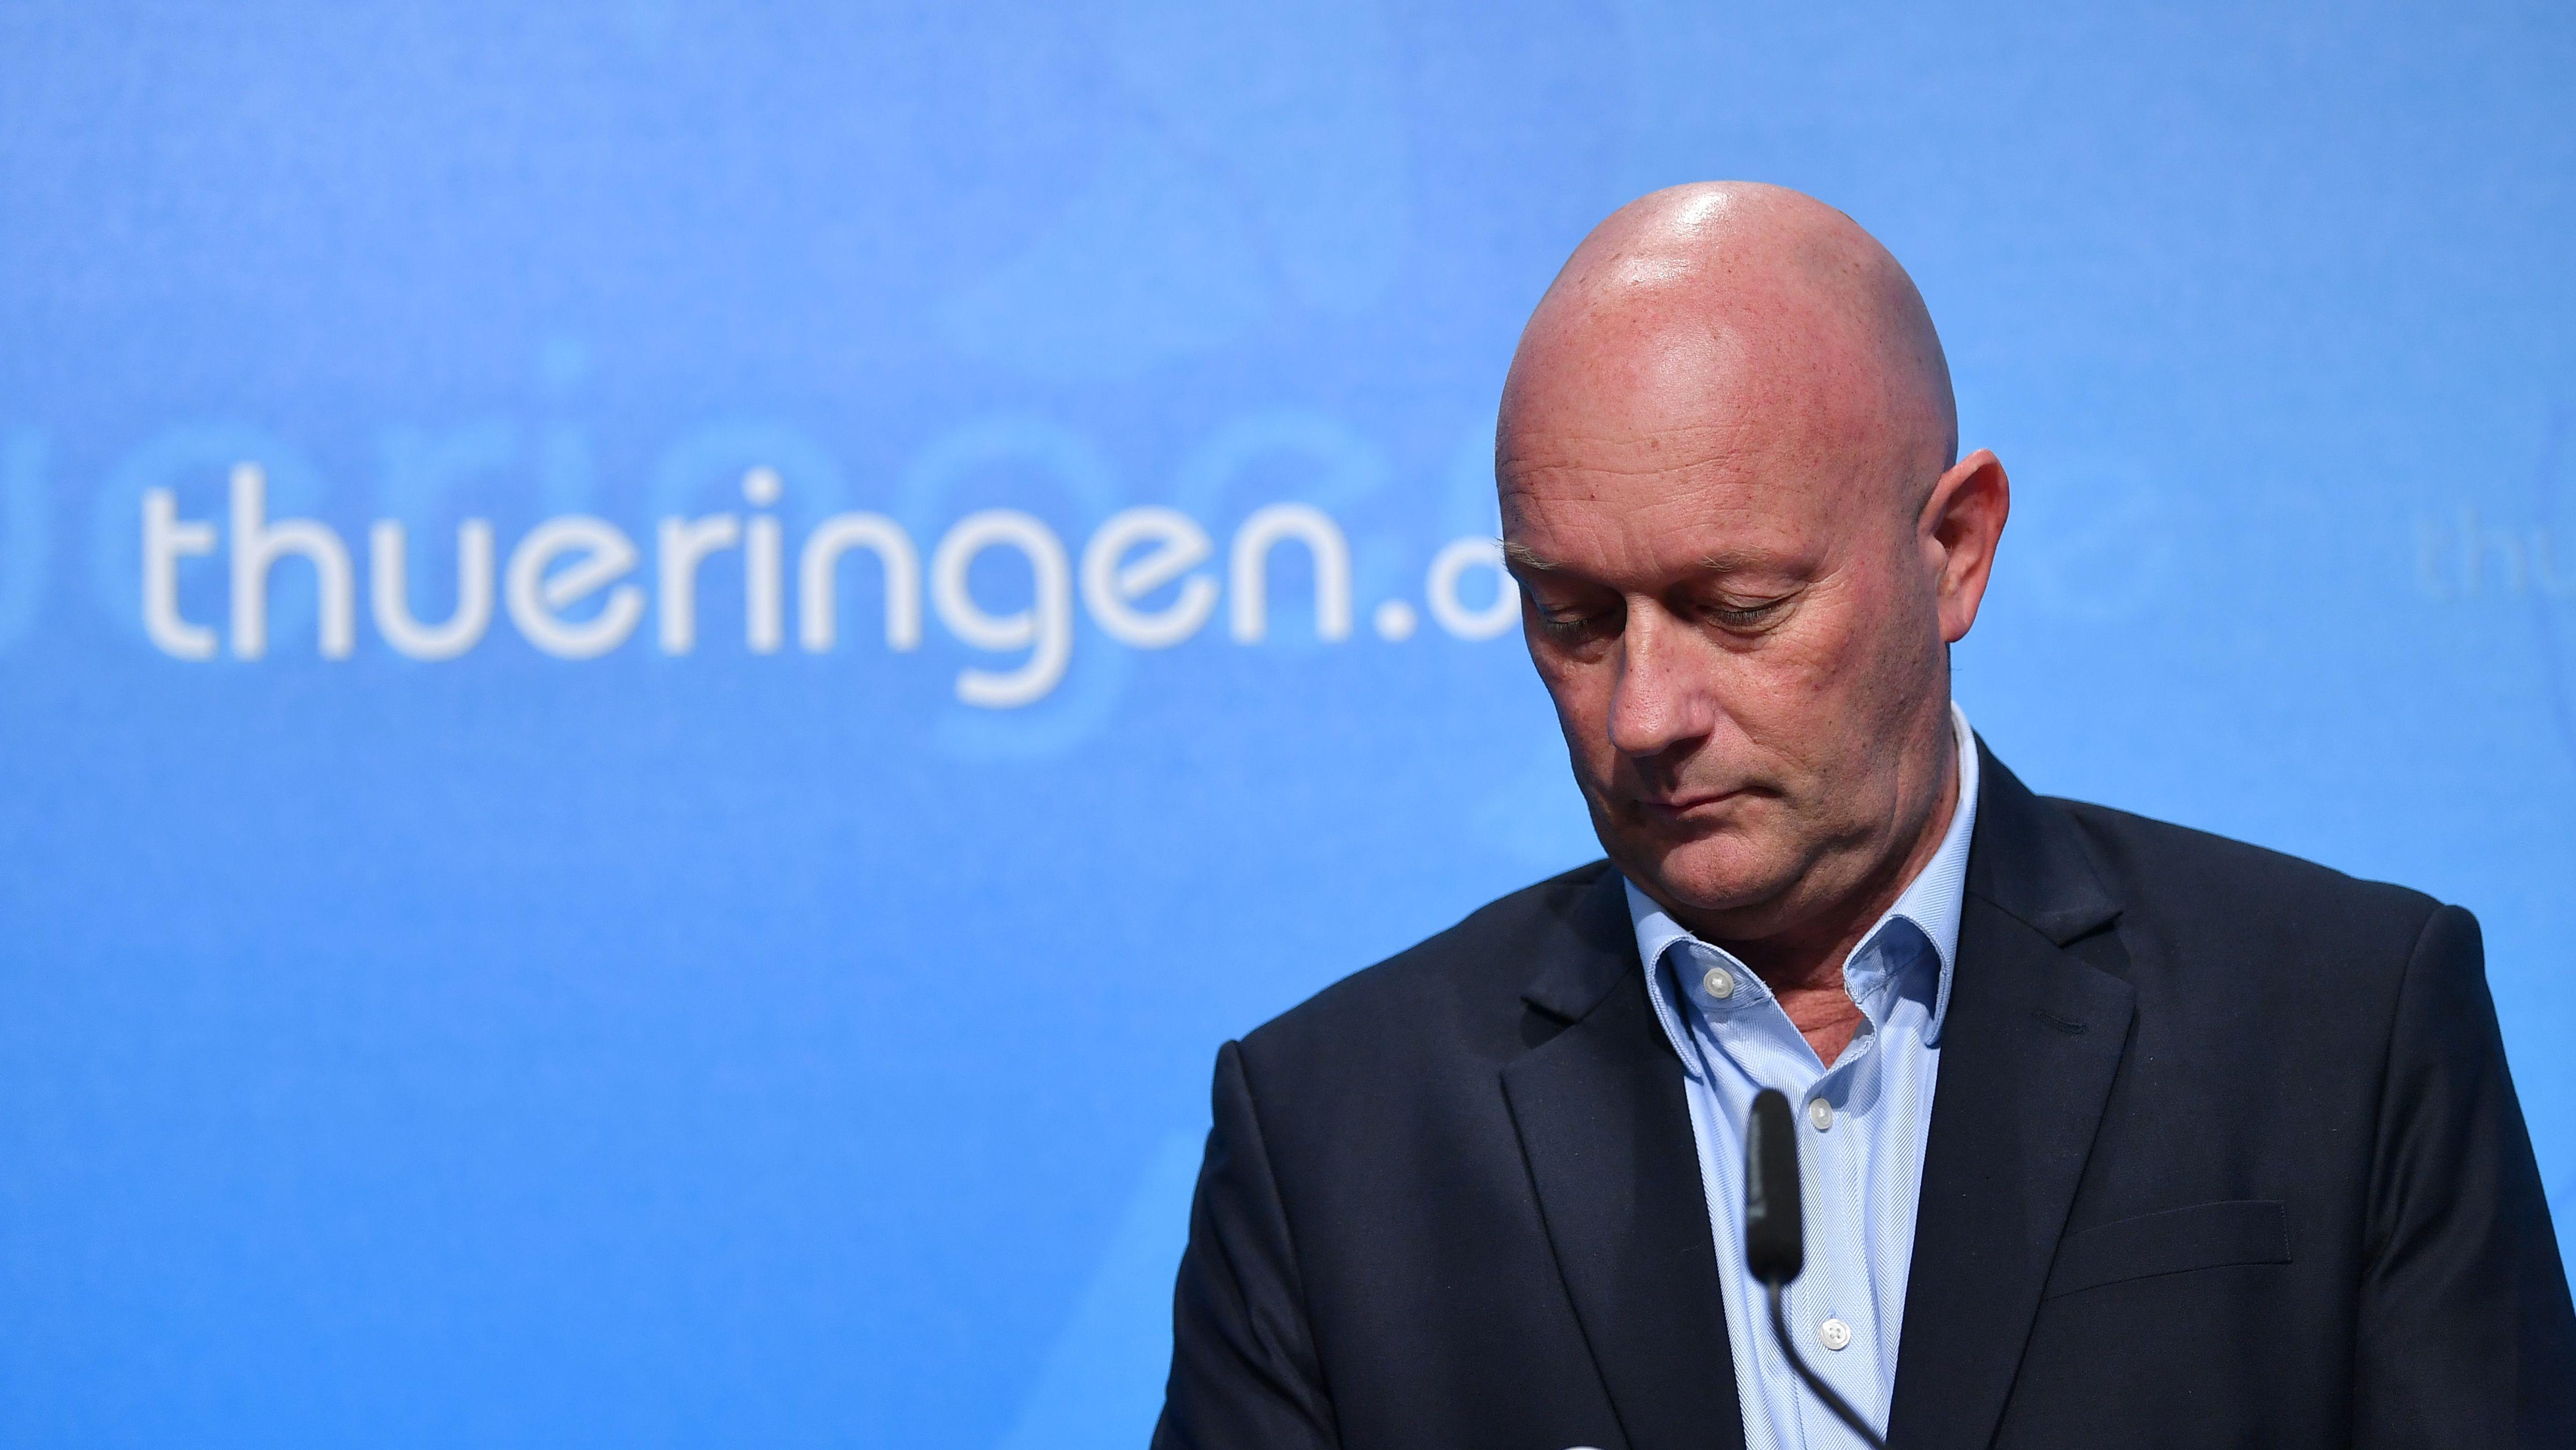 Der wahrscheinlich kürzeste Ministerpräsident in der Geschichte der BRD, Thomas Kemmerich (FDP)